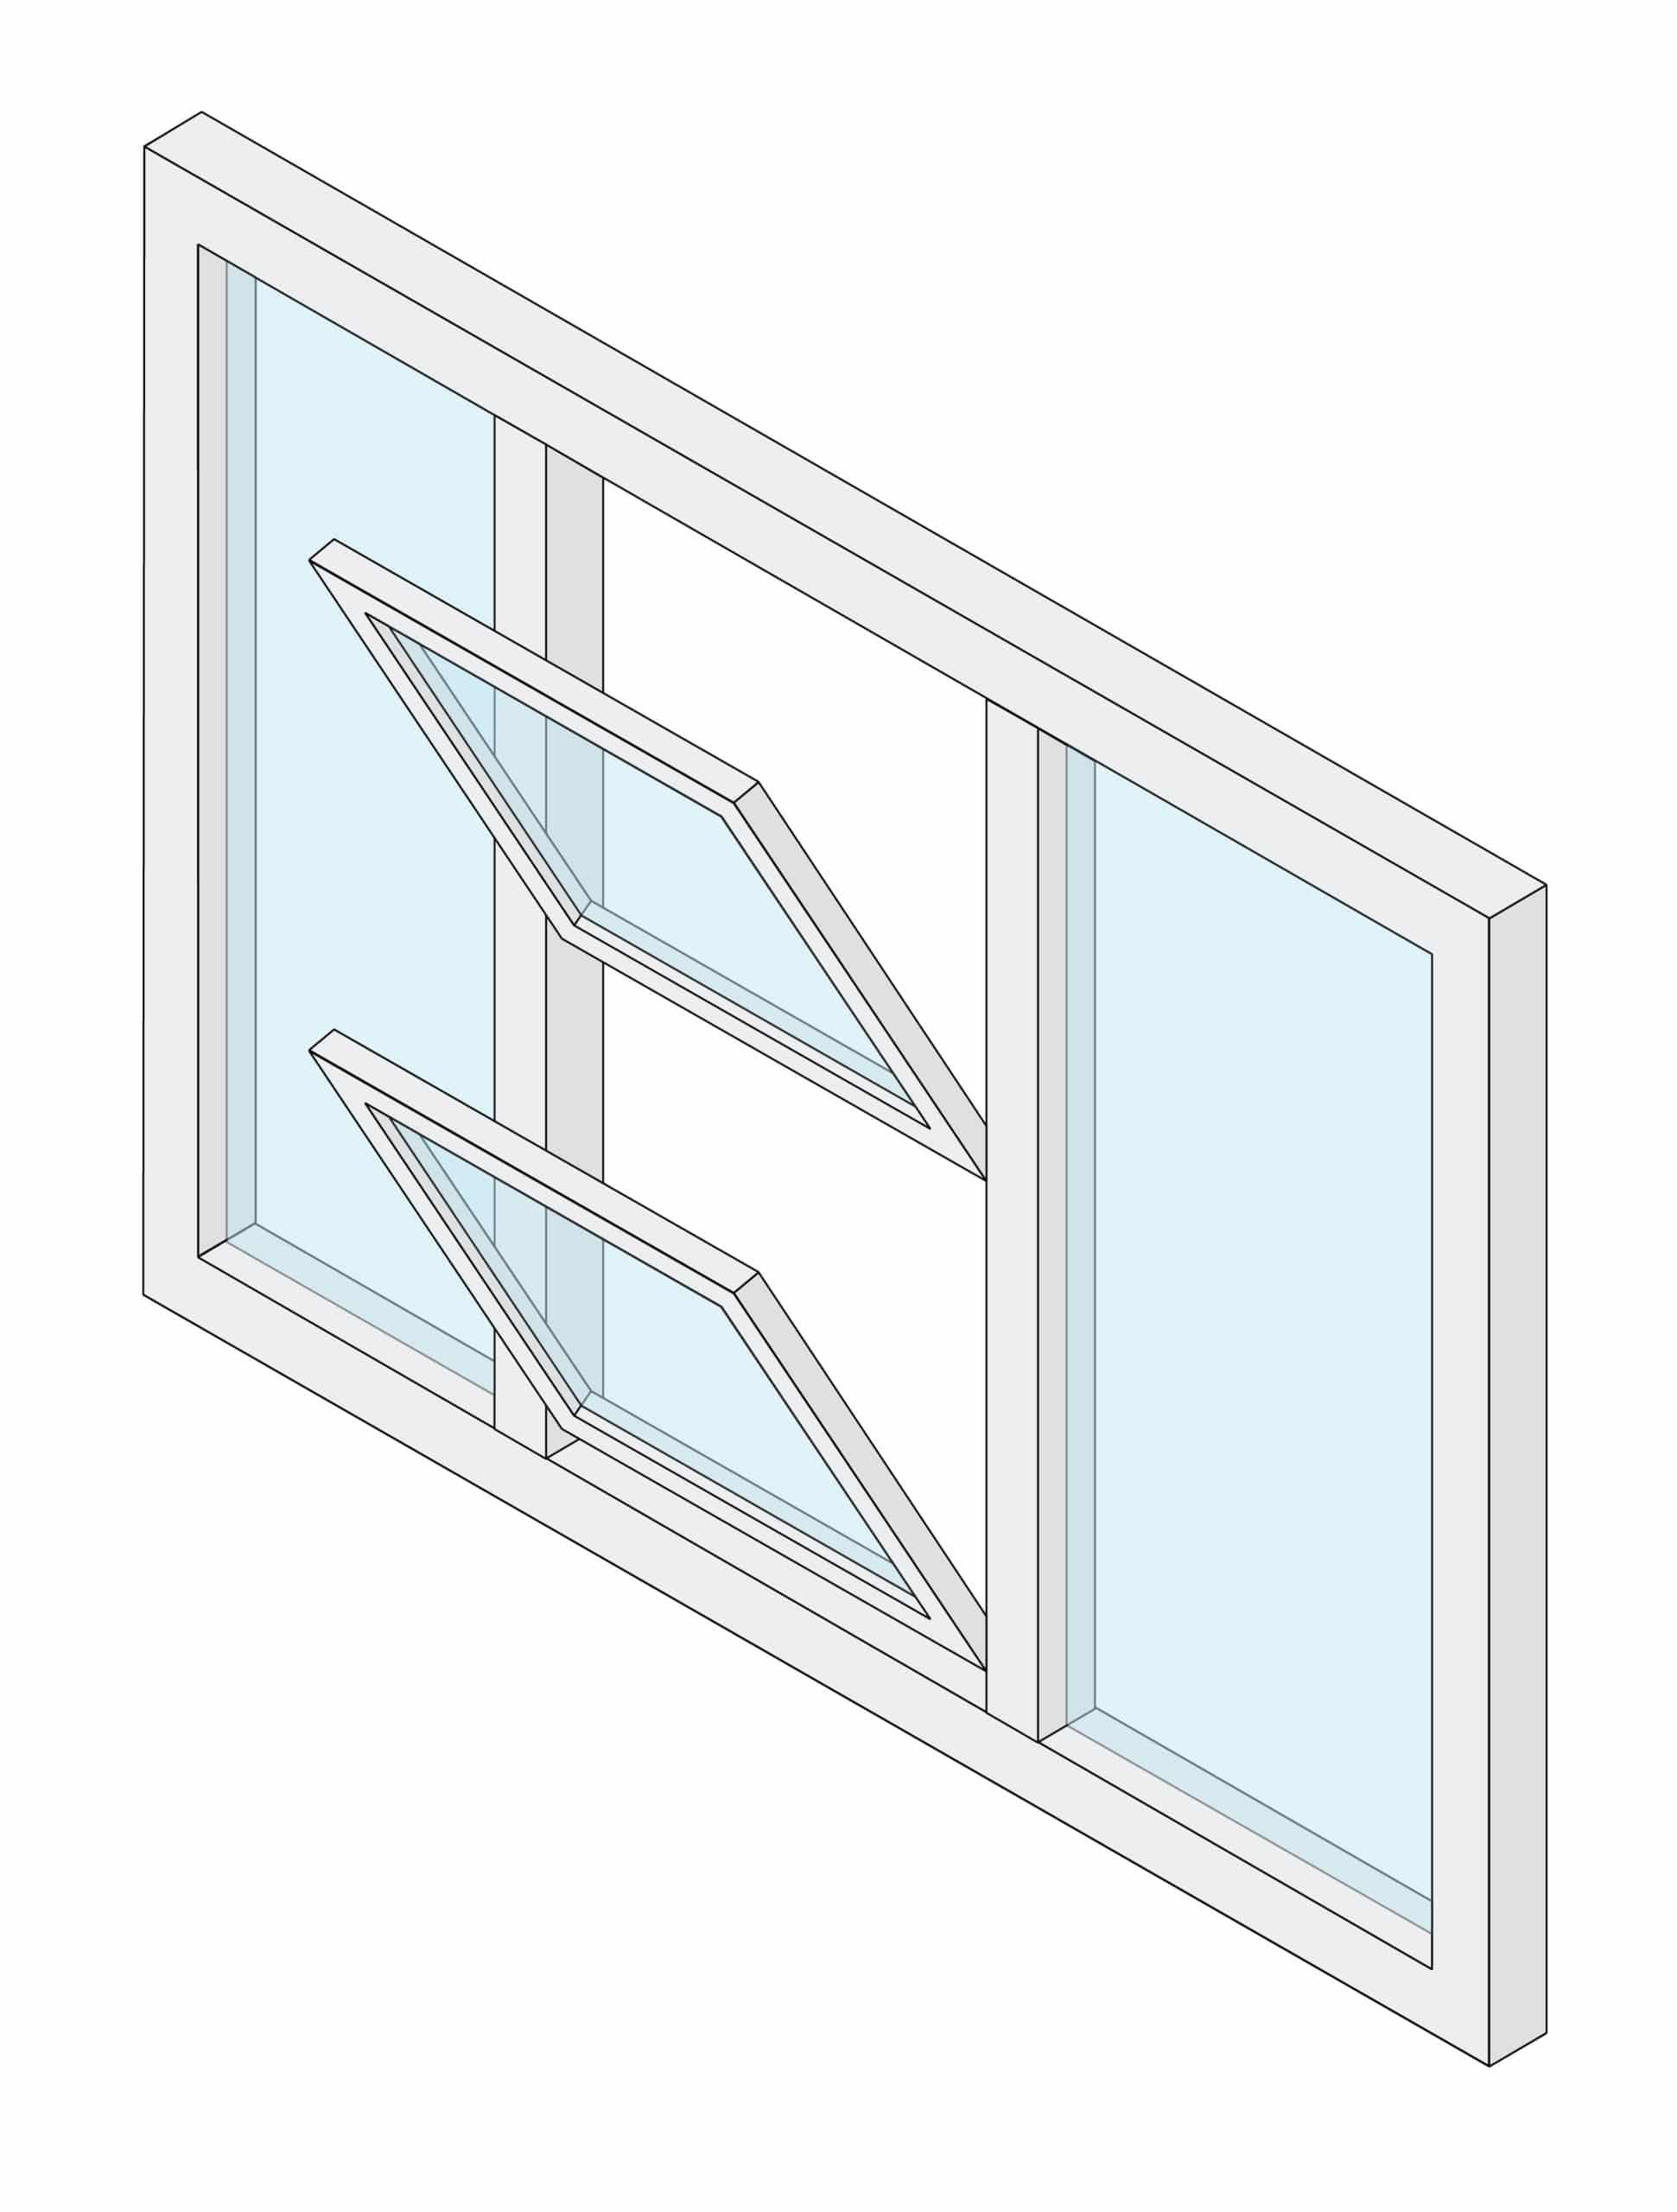 Double-hung window sunroom